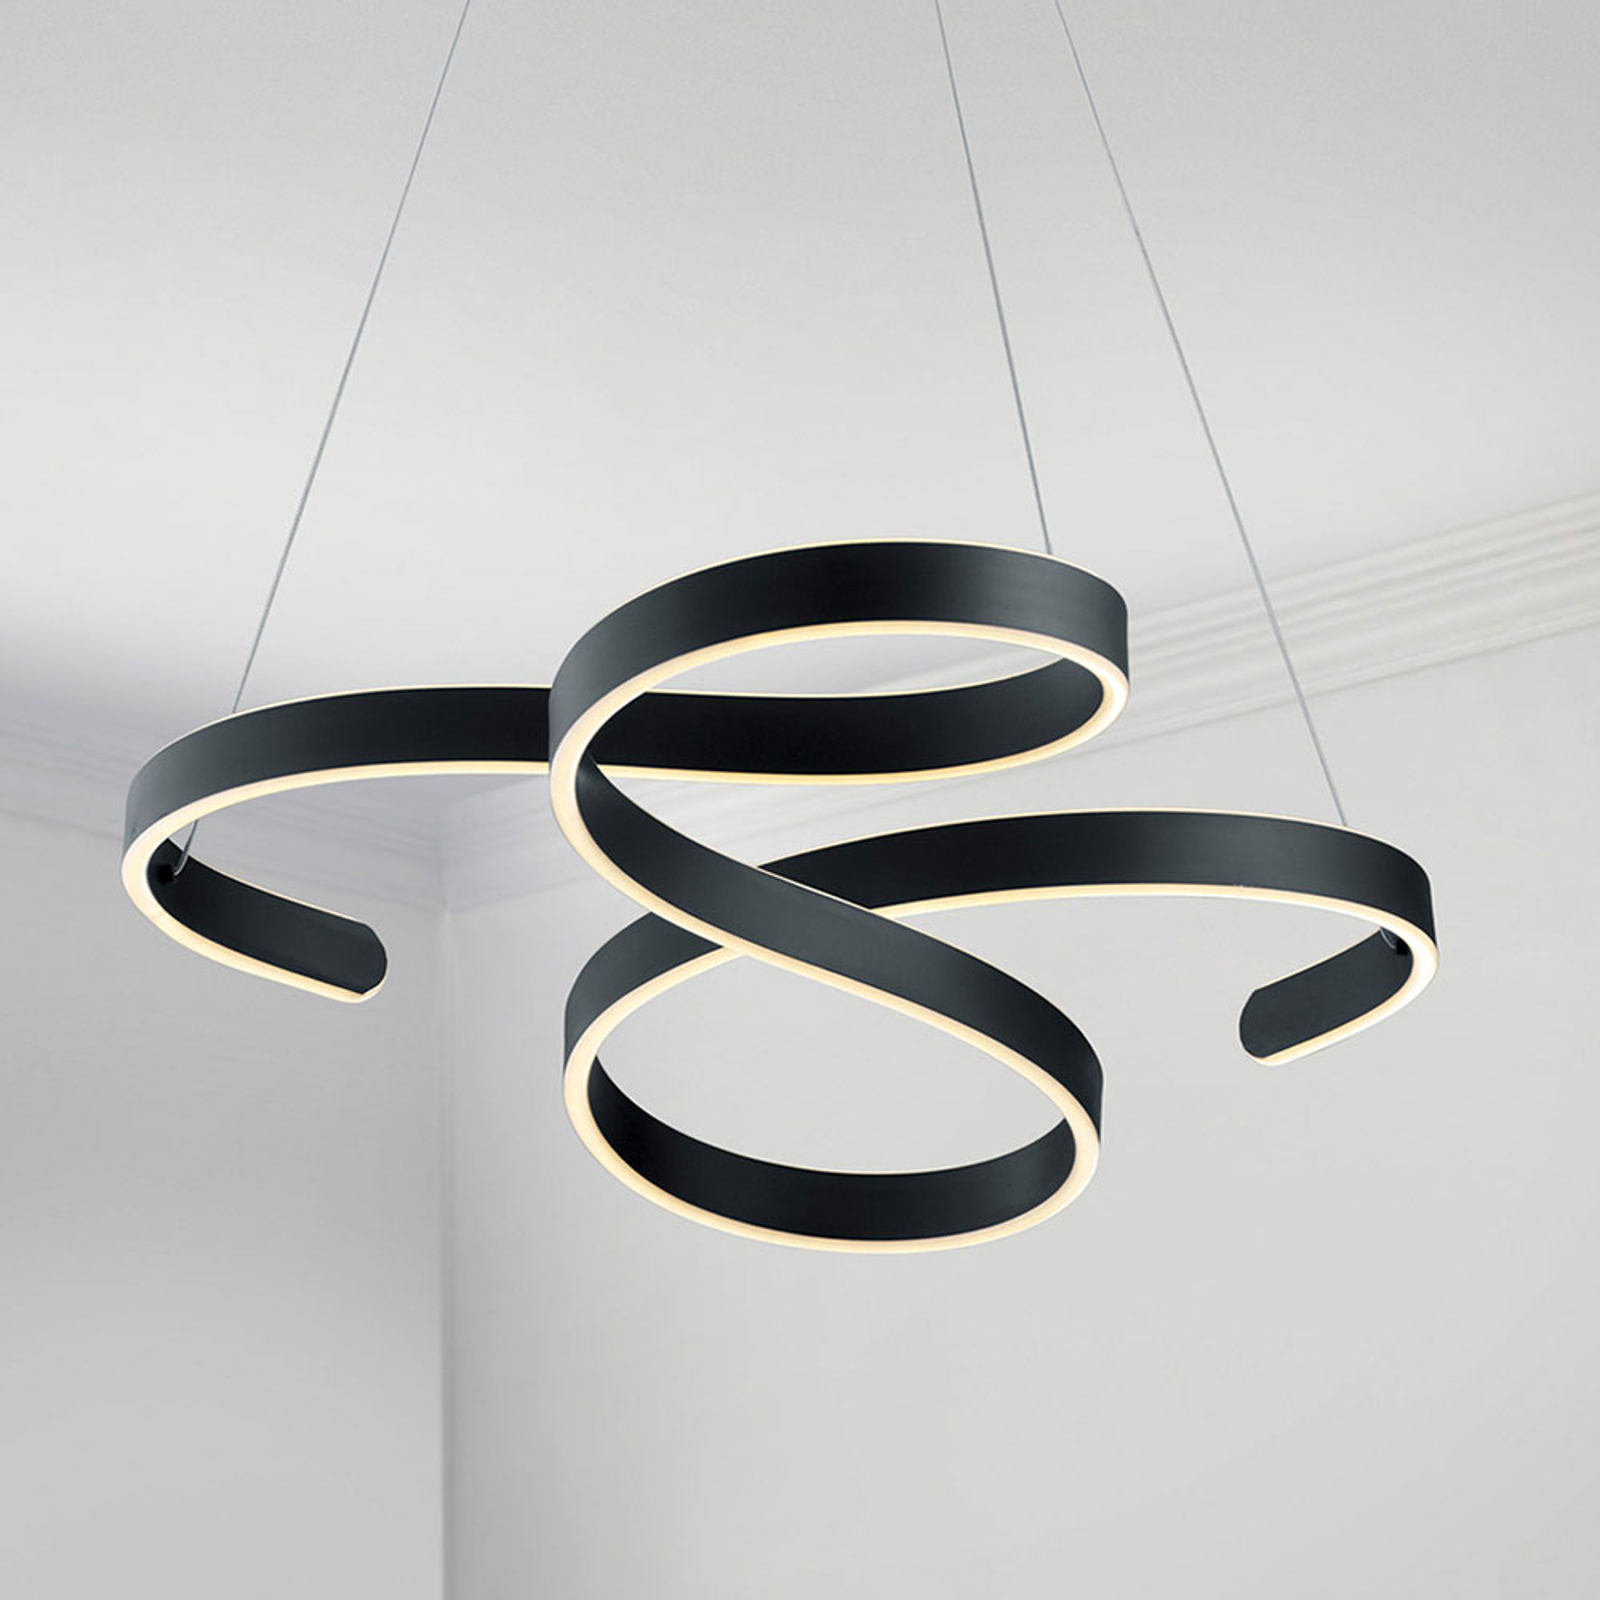 LED-pendellampe Francis, antrasitt